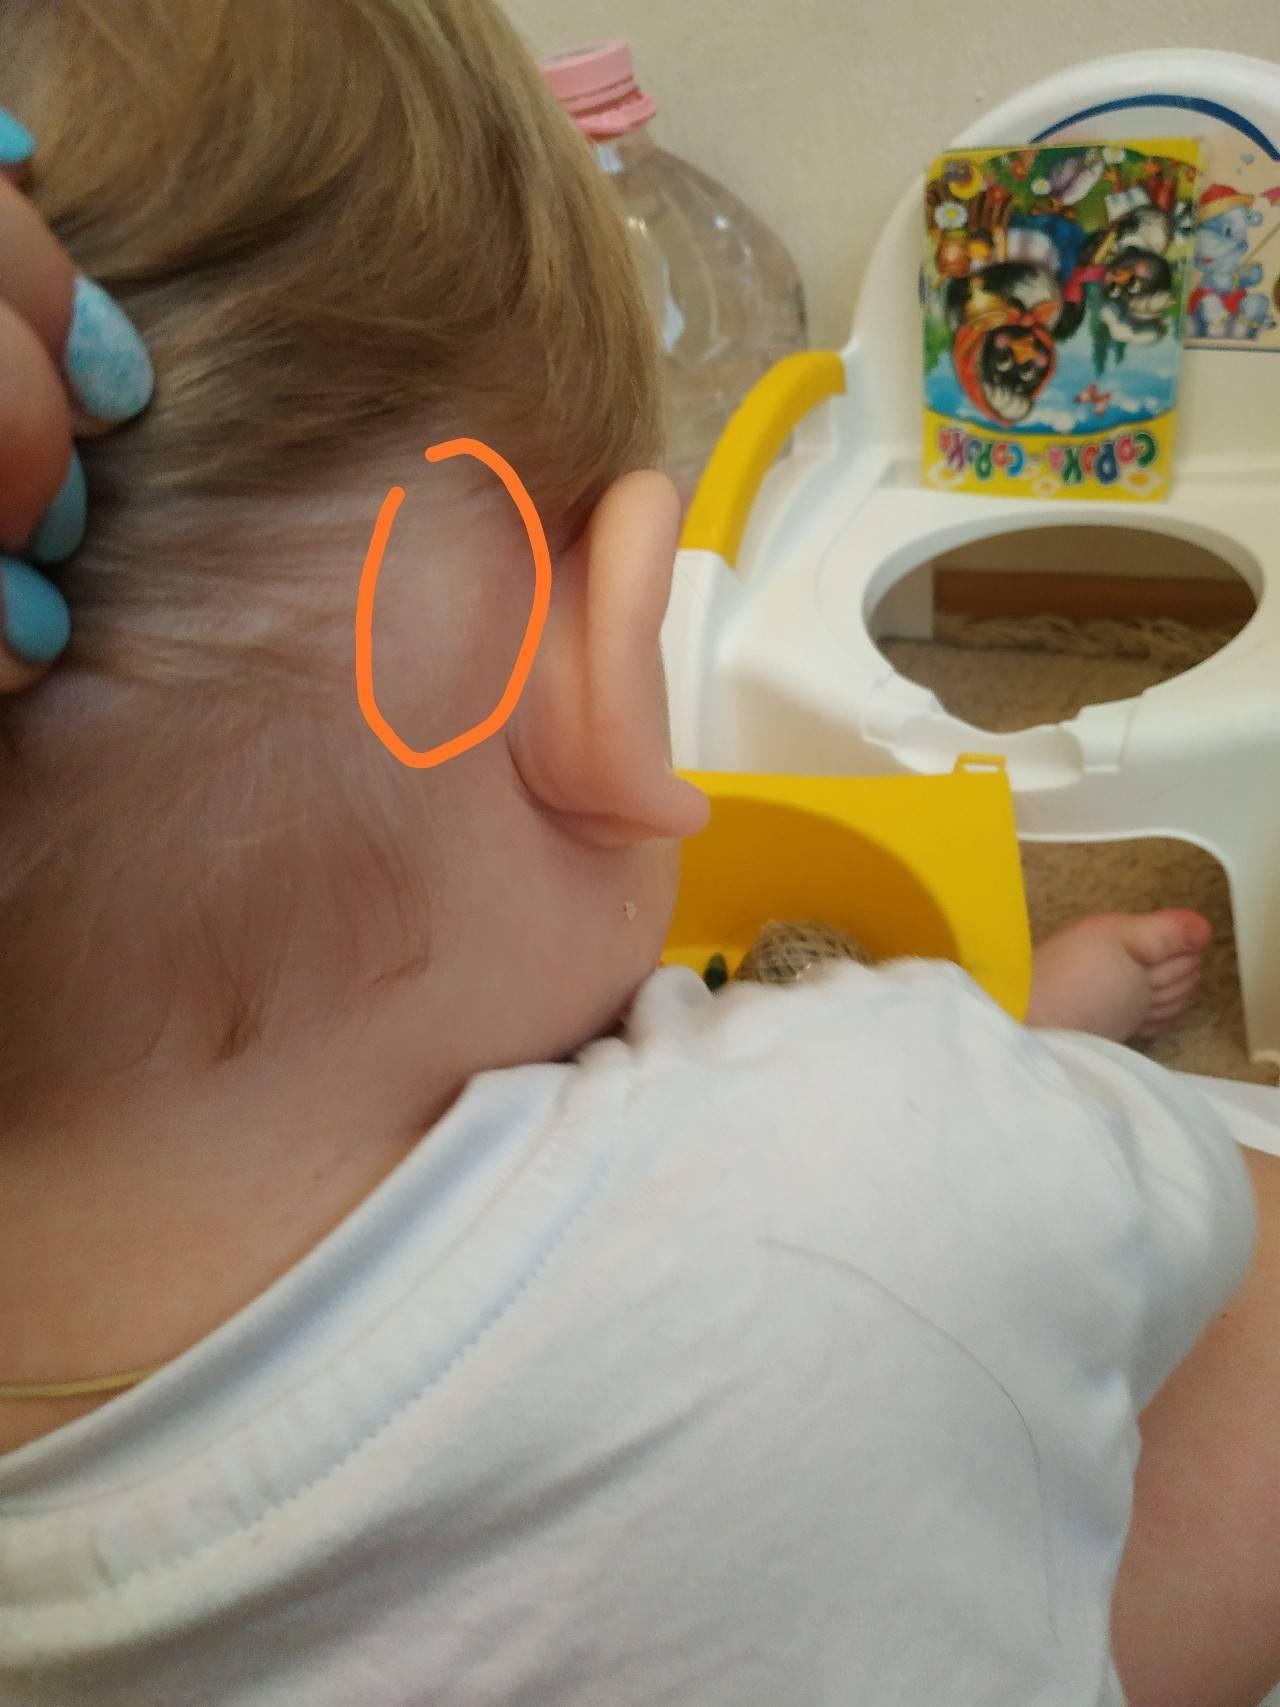 Шишка за ухом: причины и симптомы возникновения, методы лечения заболевания